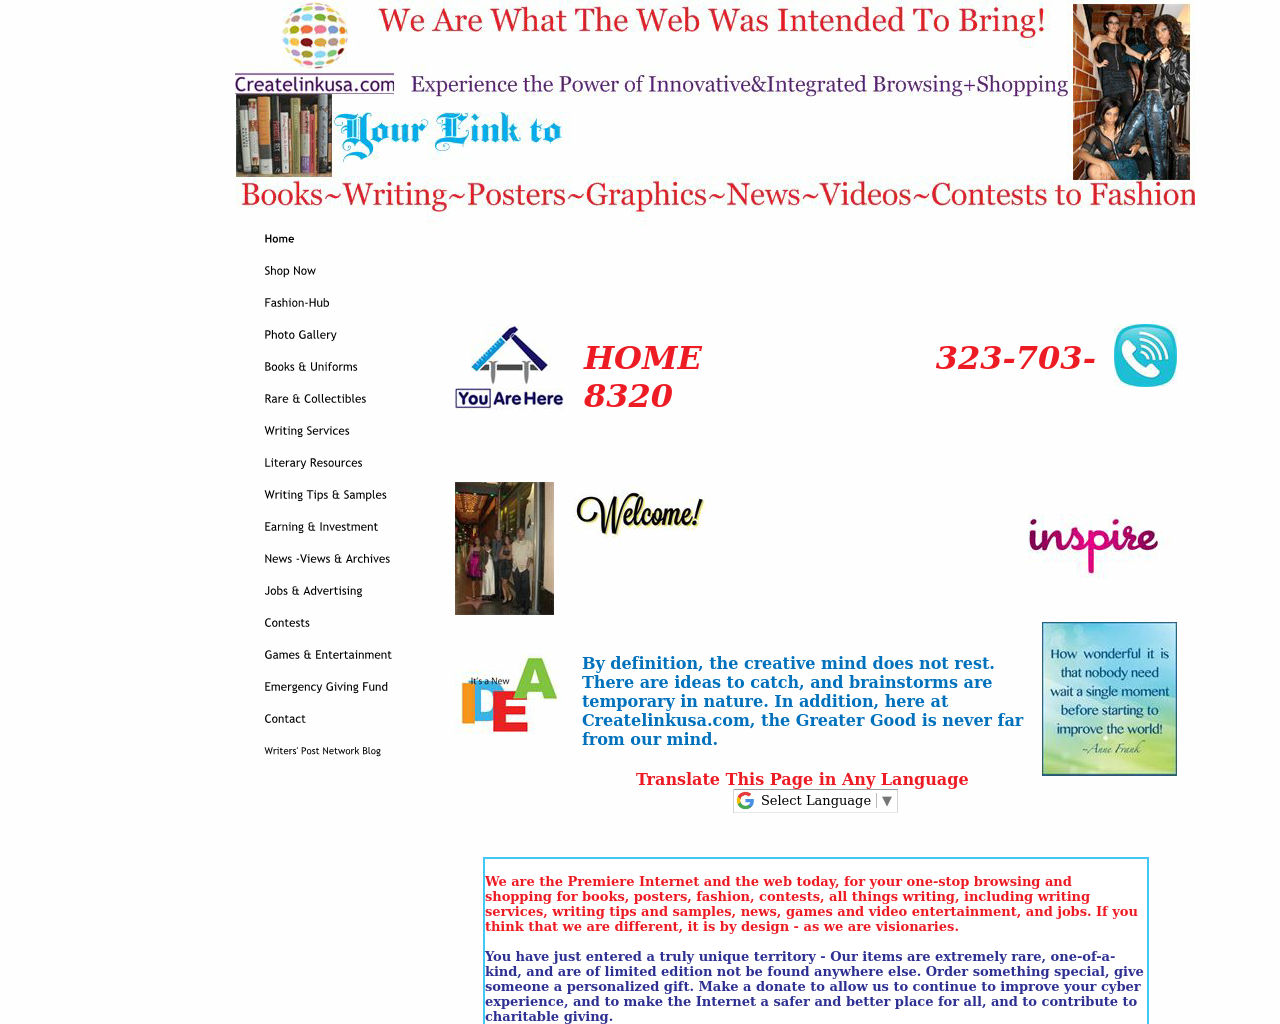 Createlinkusa-Advertising-Reviews-Pricing